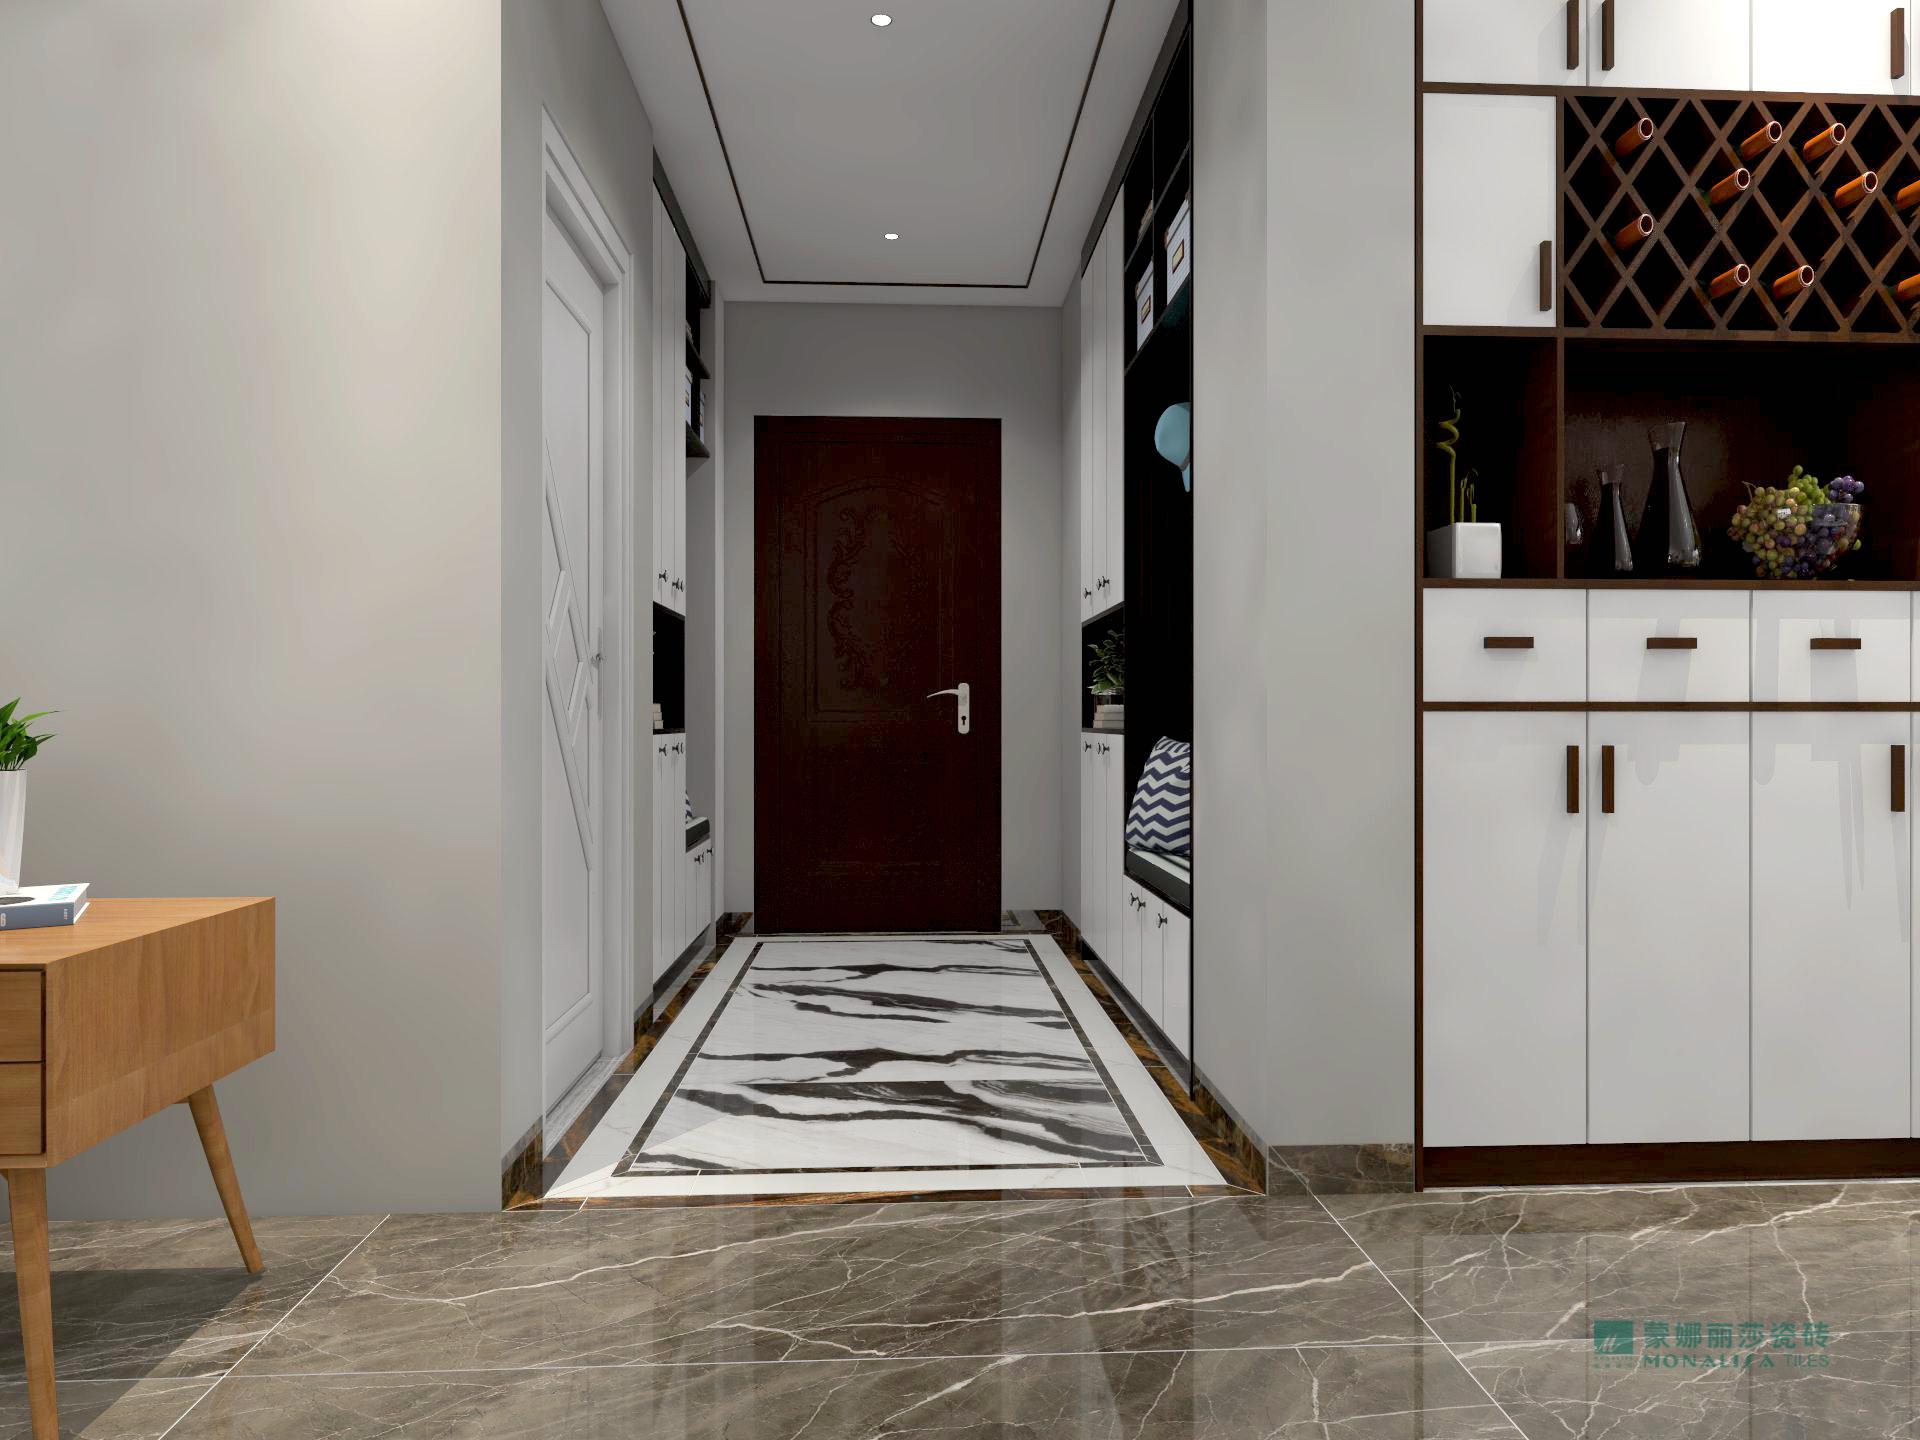 入户玄关用白色地砖,笔磨式的纹理无不彰显出优雅的浓浓味道.图片